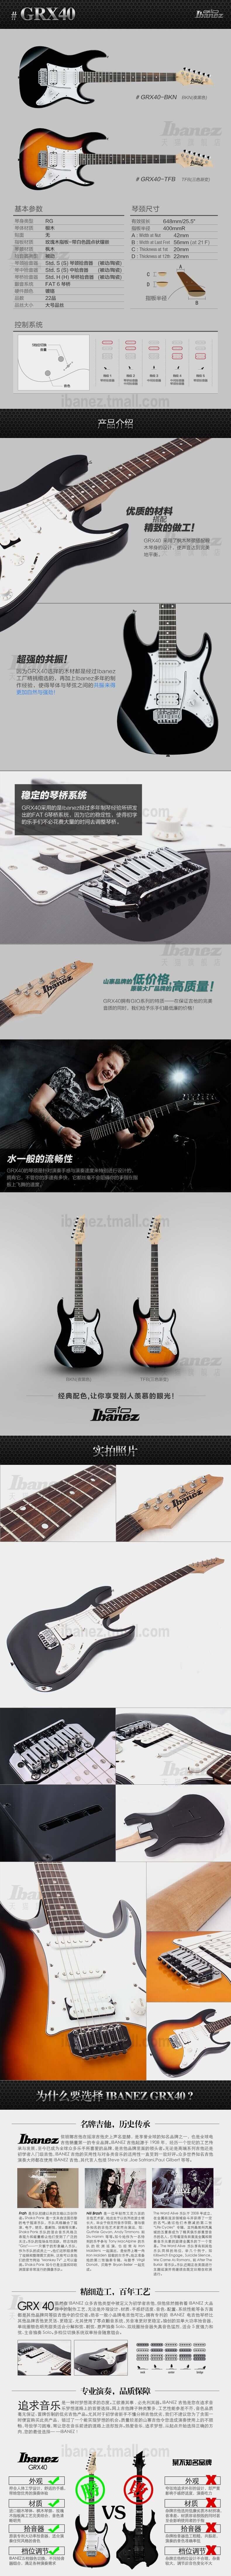 Ibanez官方旗舰店 爱宾斯 依班娜 GRX40电吉他双色可选超高性价比 06